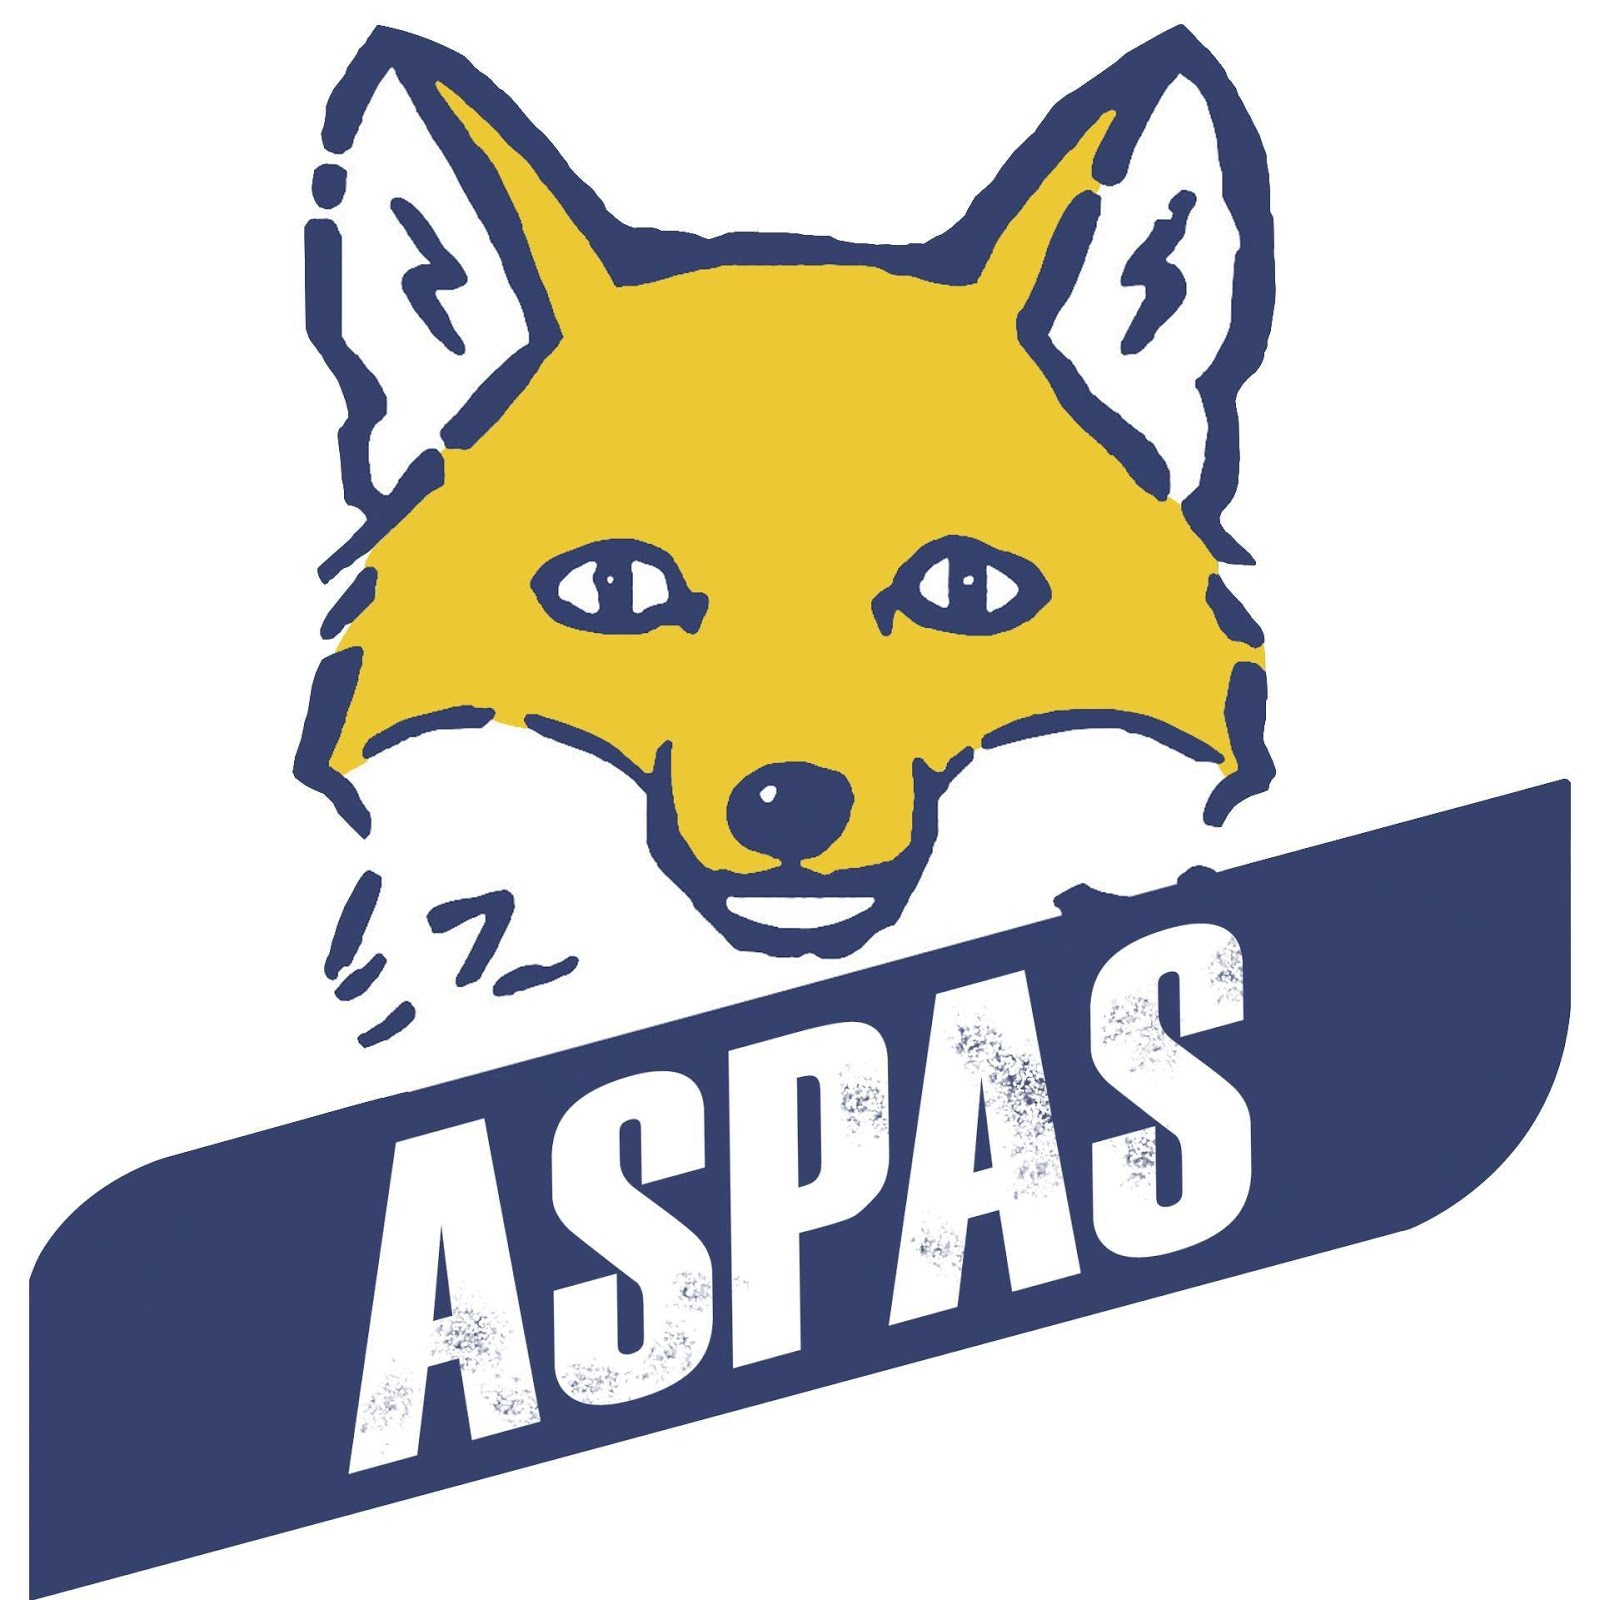 ASPAS - Association pour la protection des animaux sauvages.